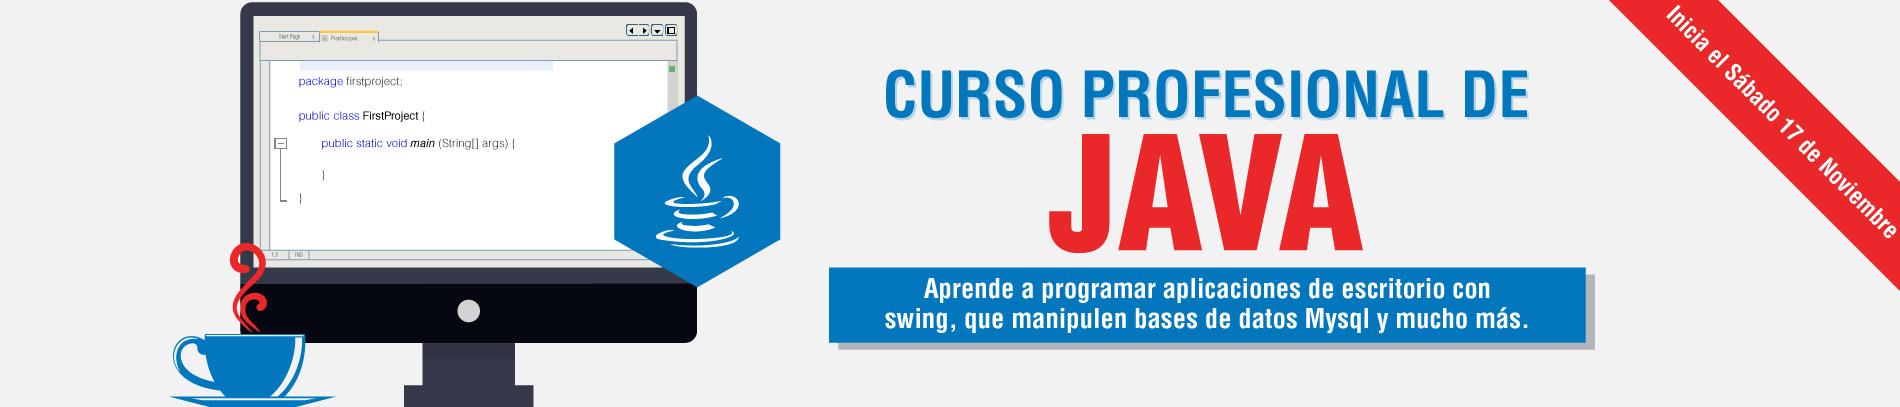 Curso Profesional de Java